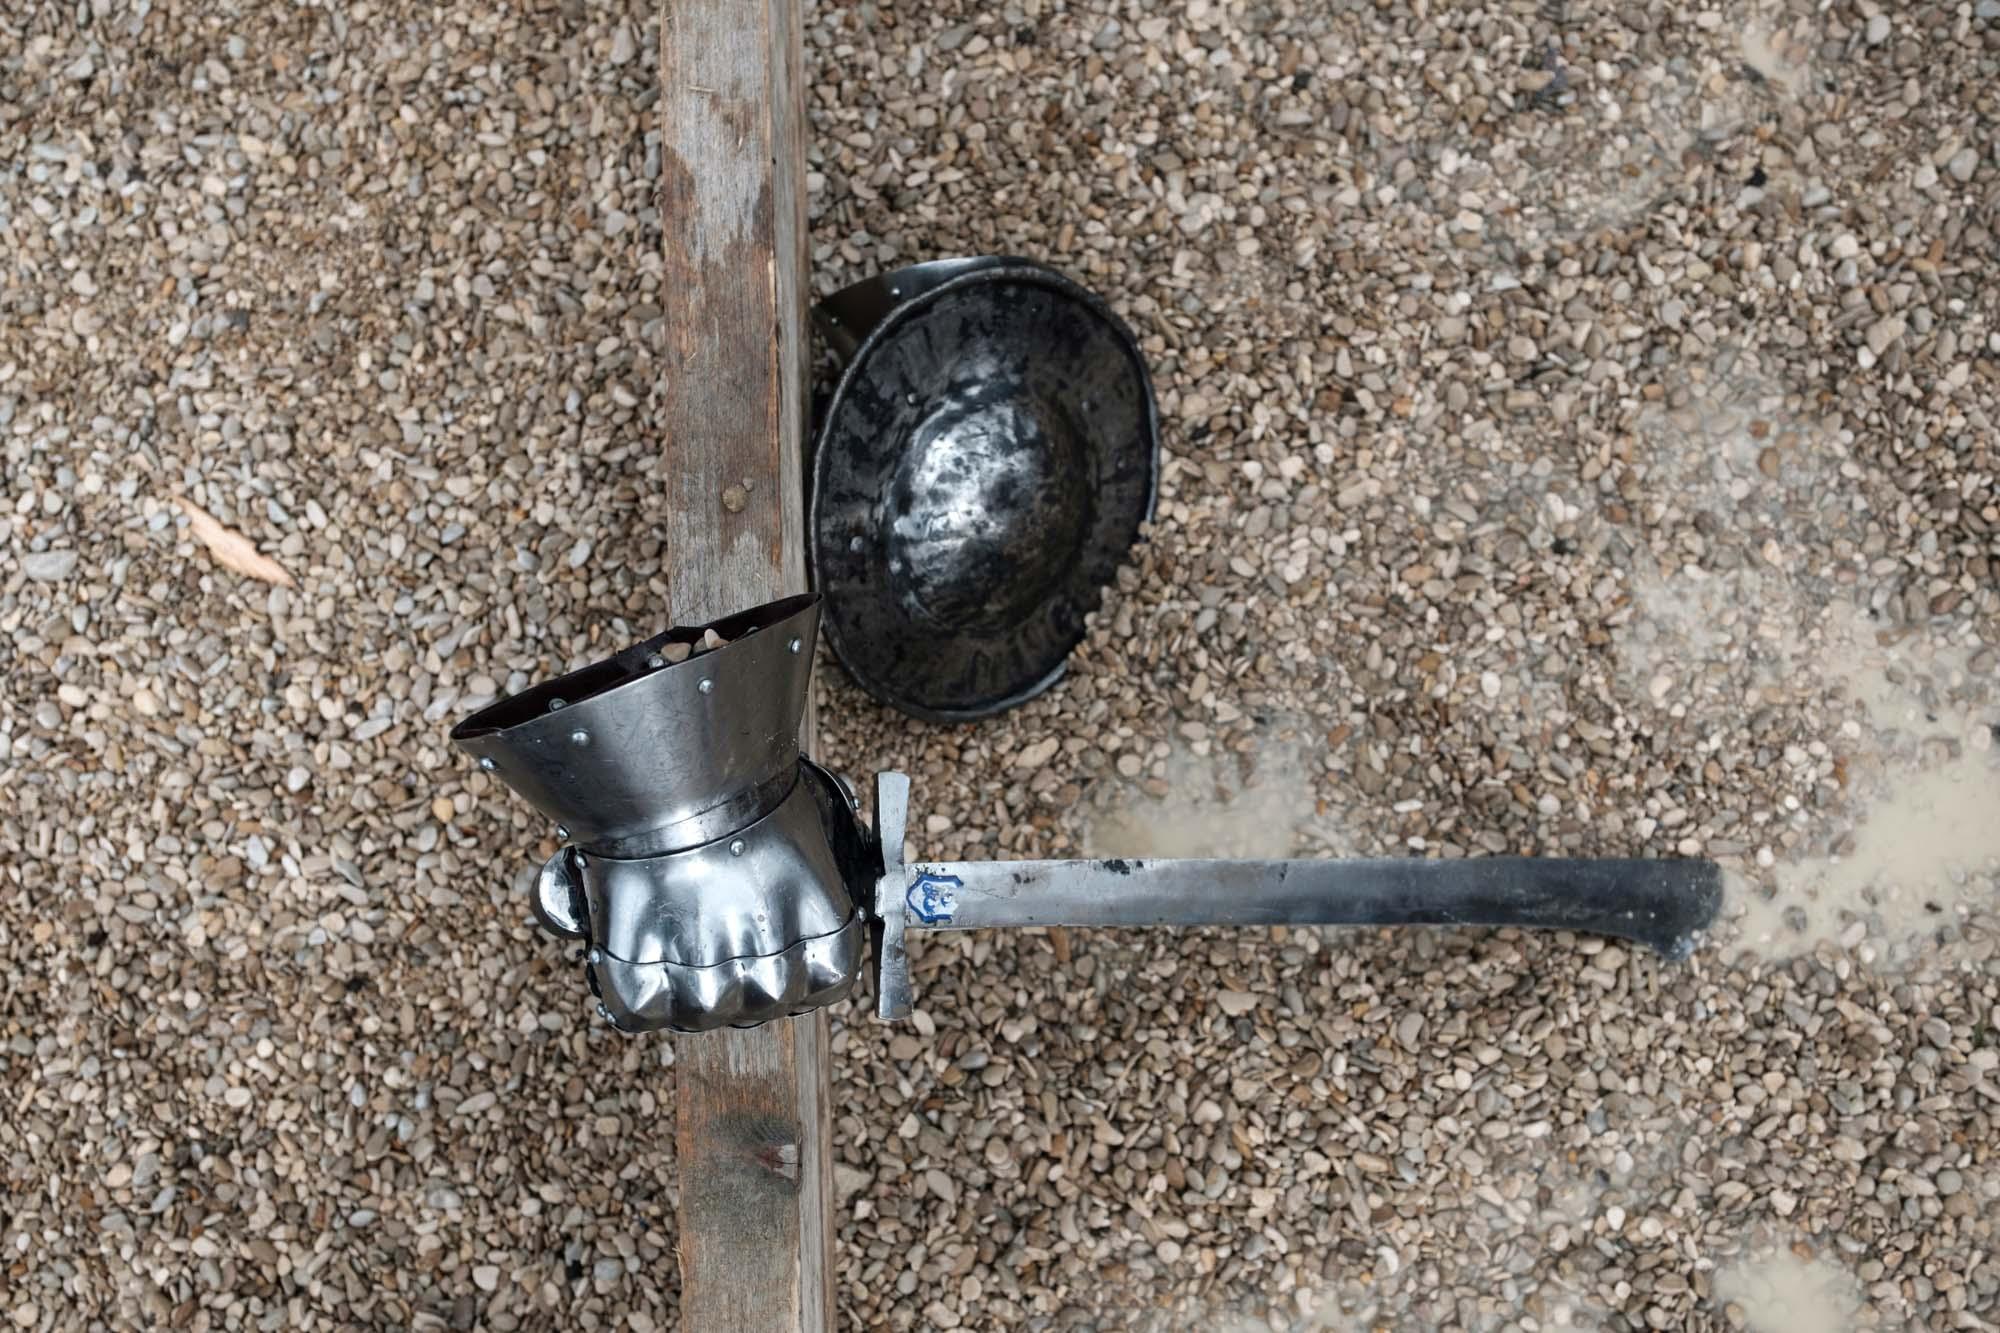 Détails d'un bouclier, épée et armure de protection utilisés pendant un combat.